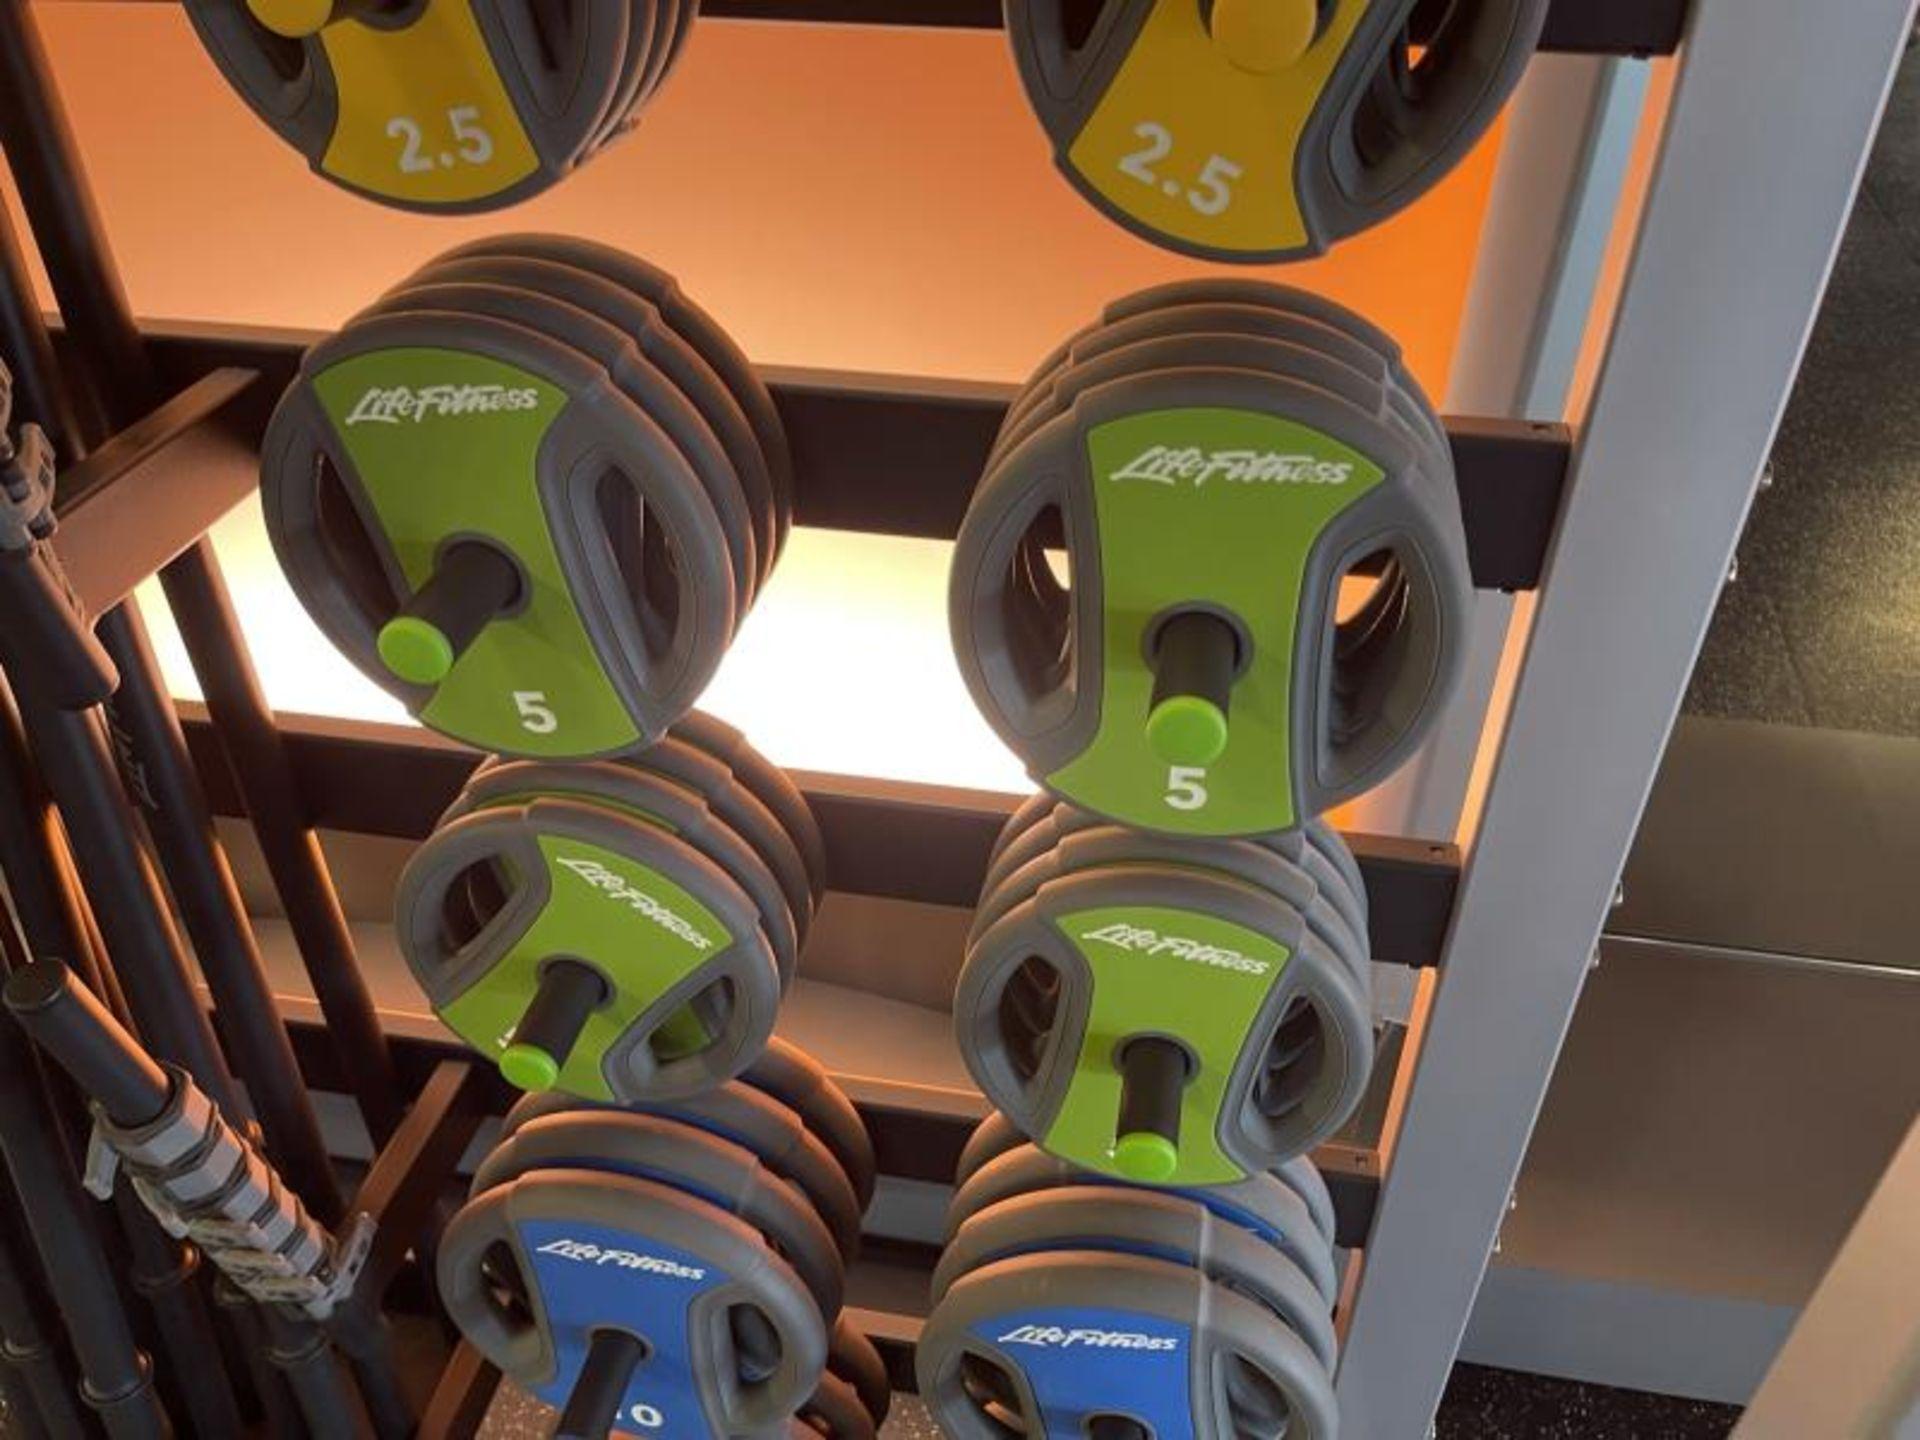 Life Fitness Studio Barbell Pack Urethane 2.5#, 5#, 10#, 13 Bars, Rack Model GBB - Image 5 of 9